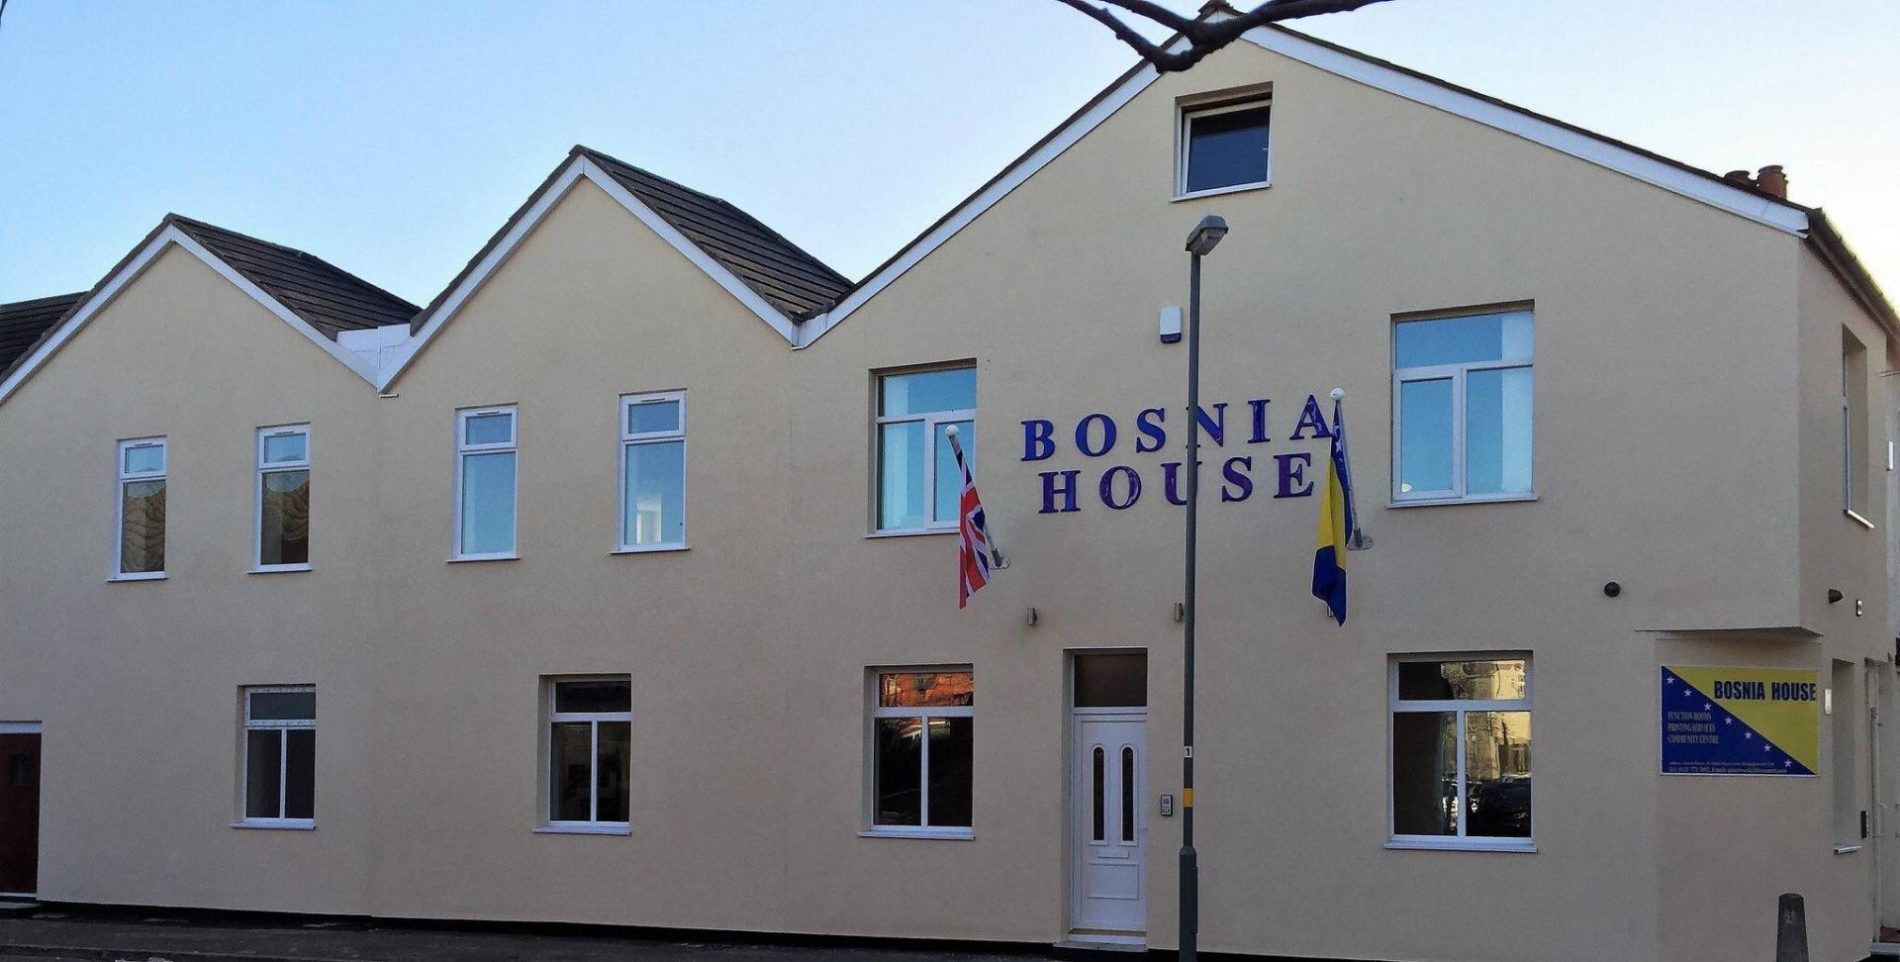 Birmingham: Obilježen Međunarodni dan maternjeg jezika u Bosanskoj kući